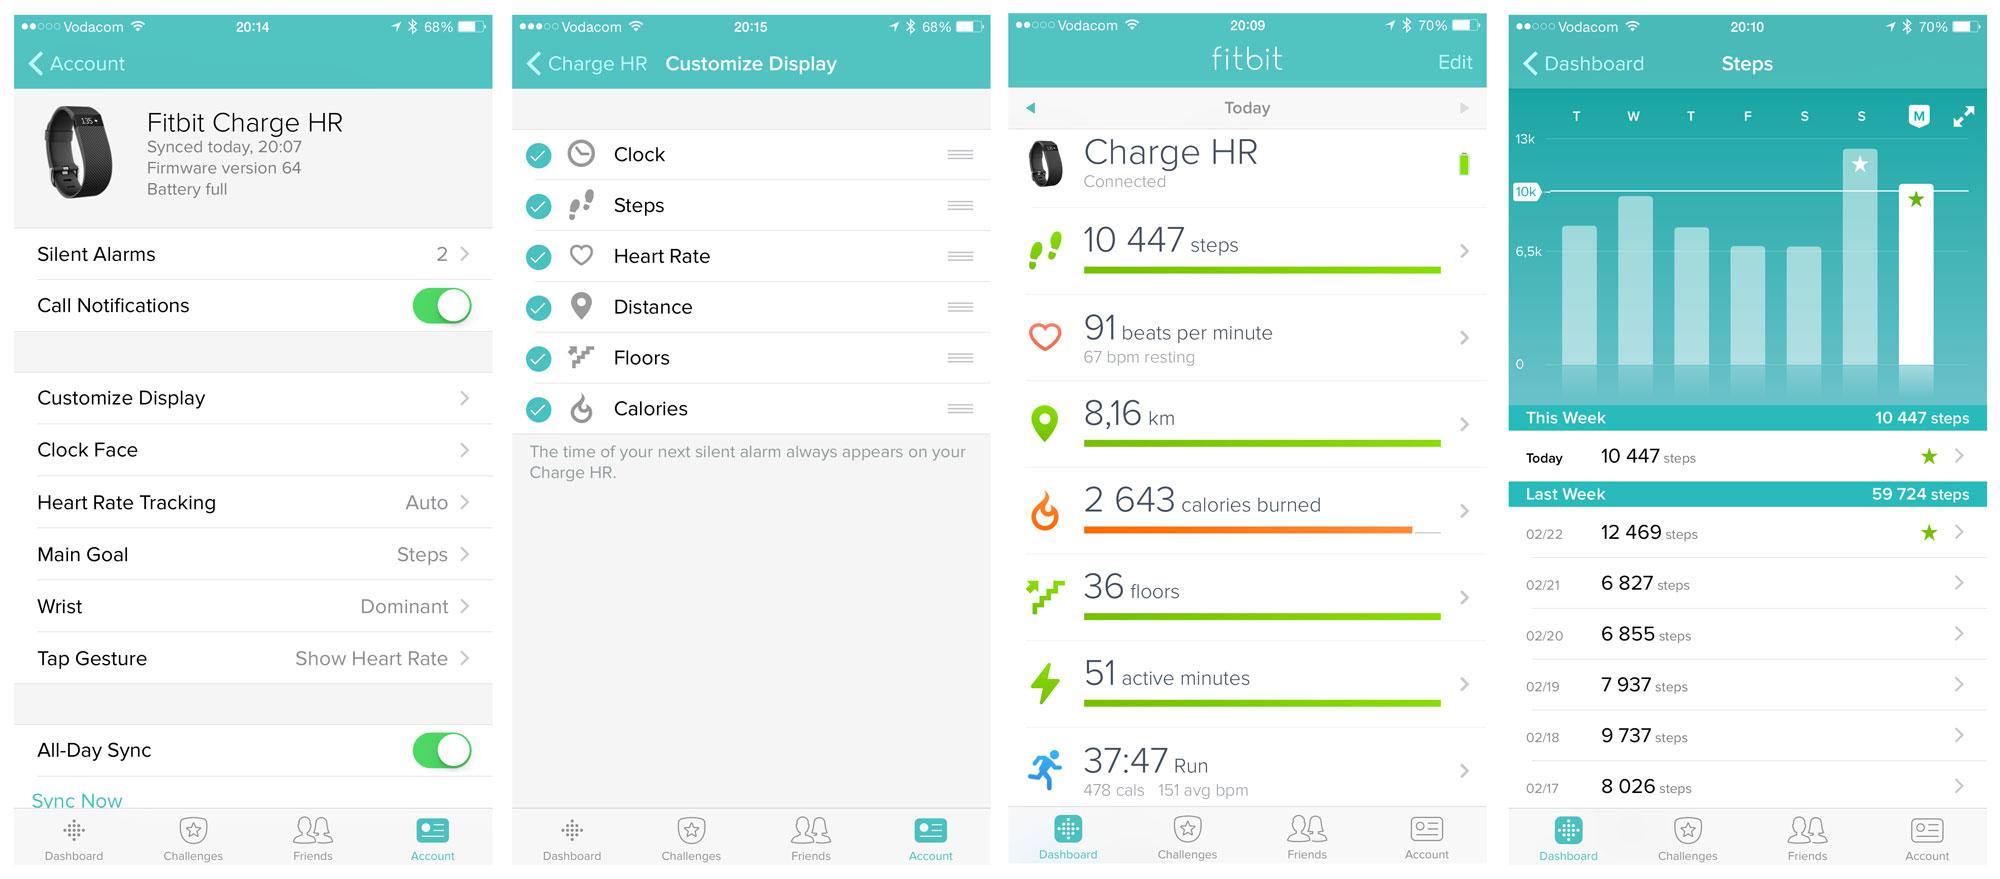 Fitbit-Charge-HR-iOS-app.jpg